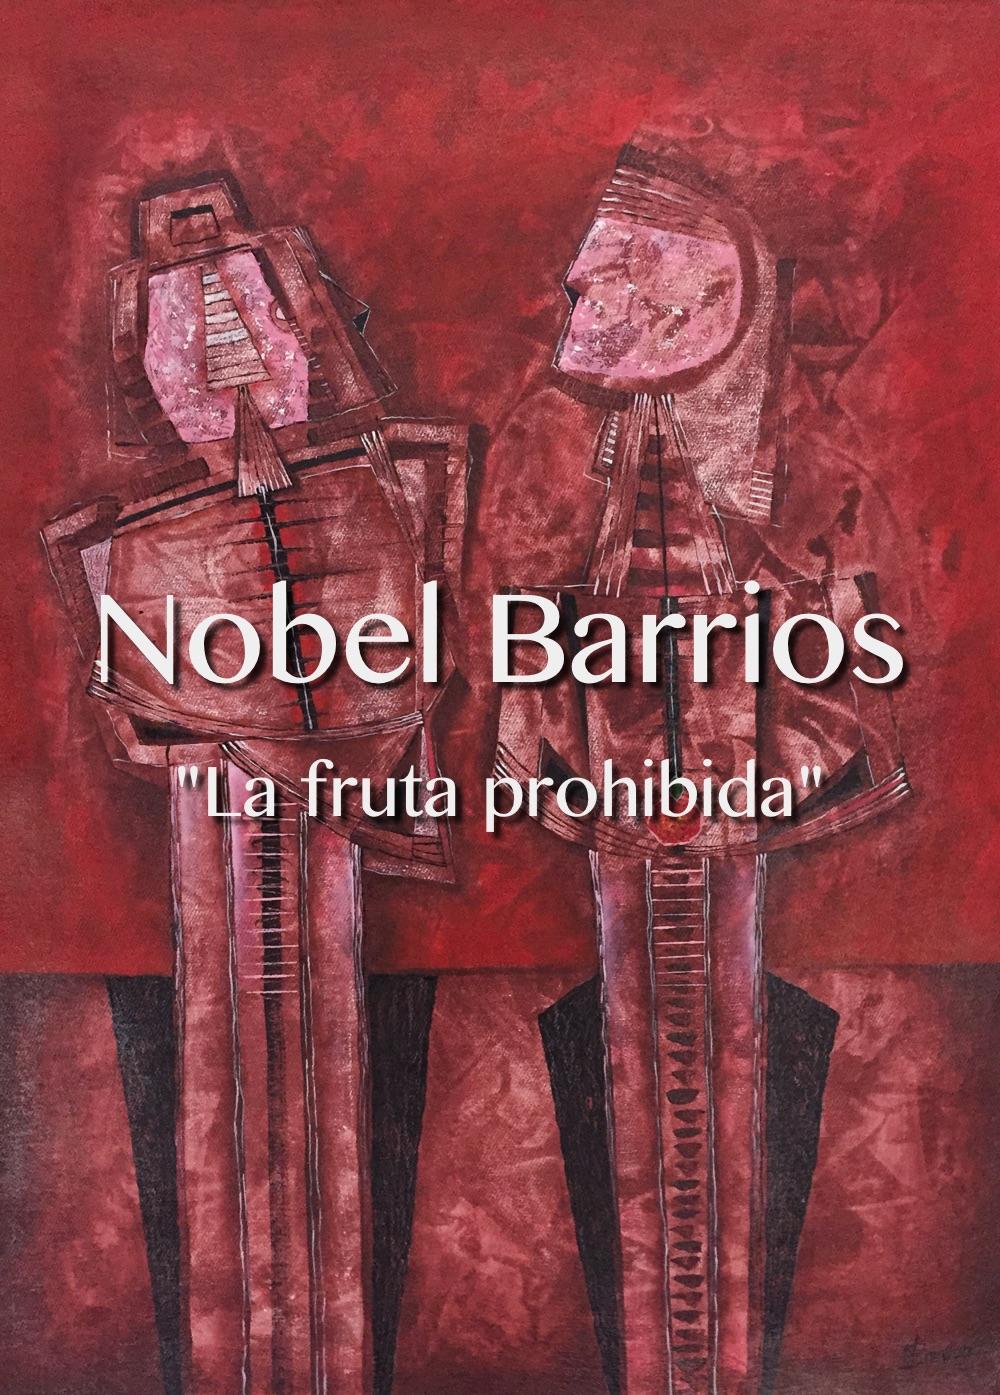 NBarrios La fruta prohibida 2015-Banner